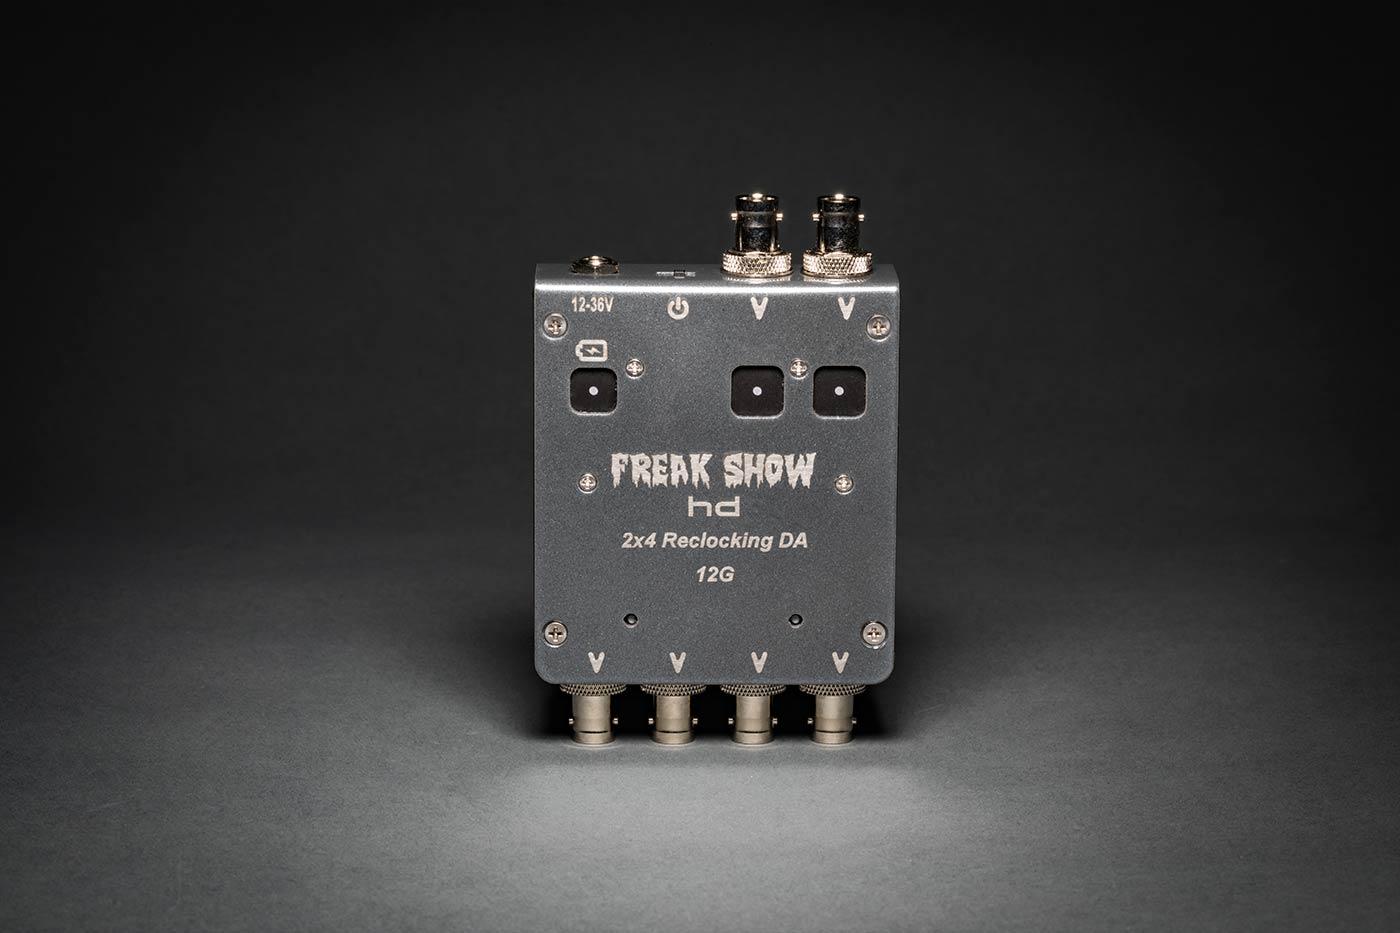 The Freakshow HD 2x4 HD-SDI DA